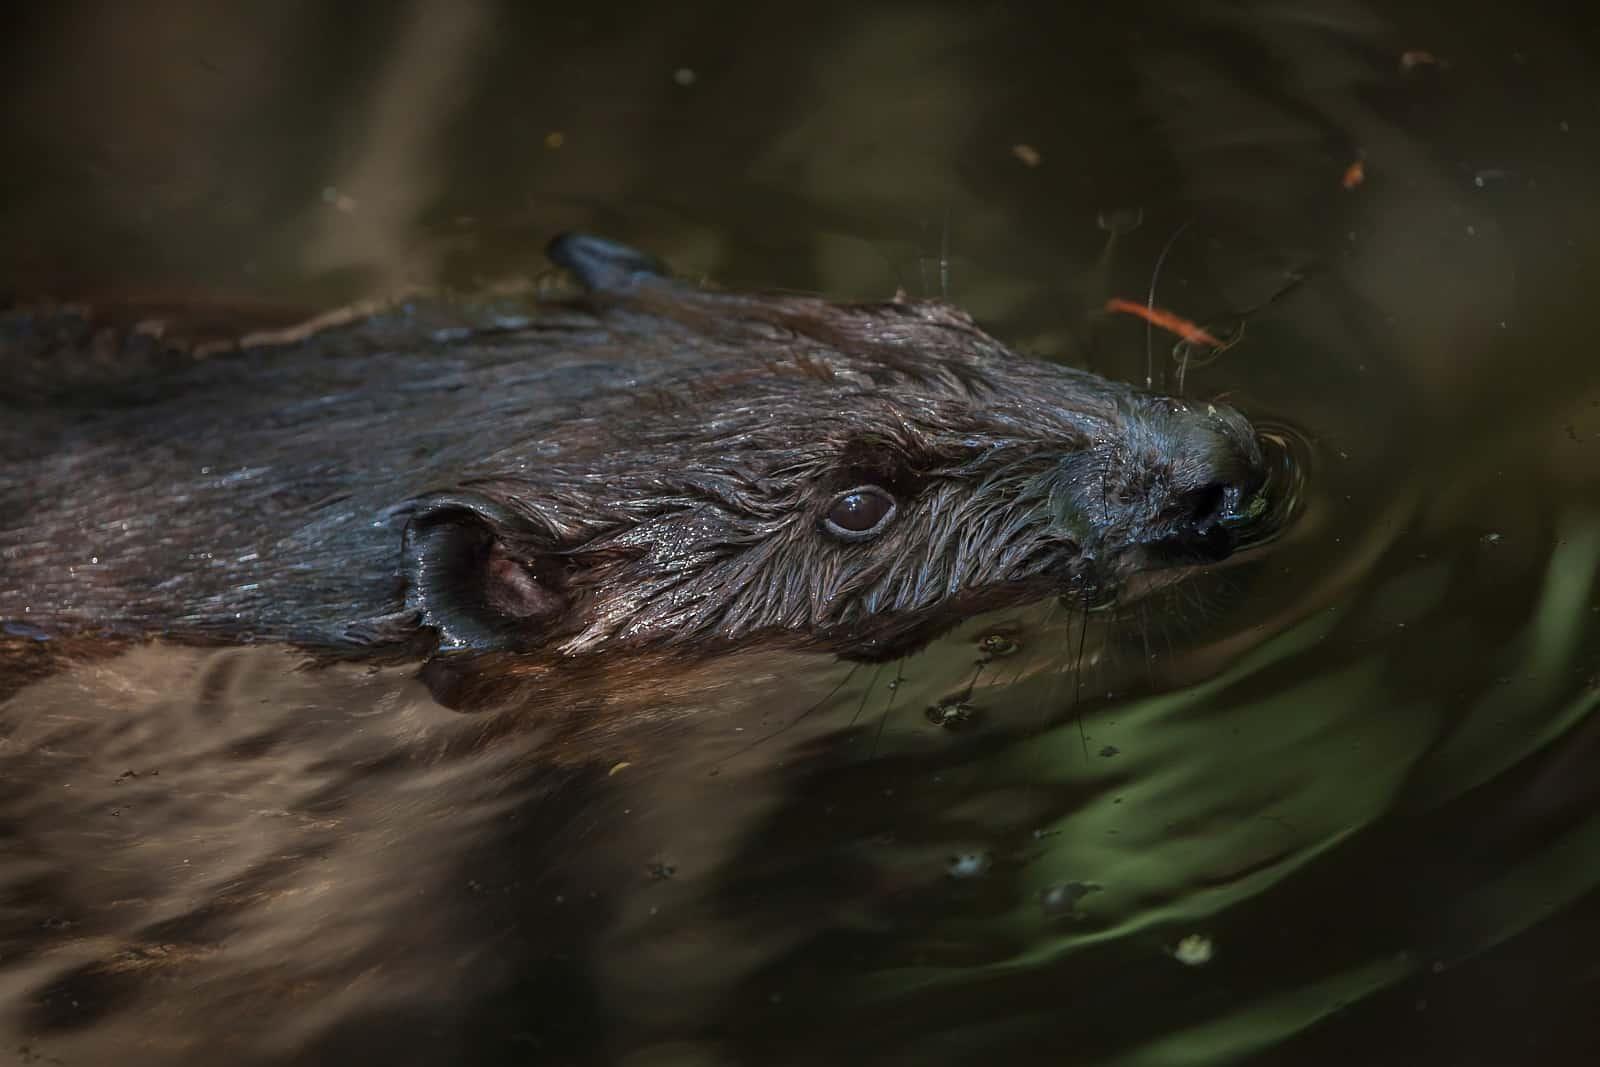 Die kleinen Augen weisen den Biber als überwiegend nachtaktives Tier aus. Foto wrangel/BigStock